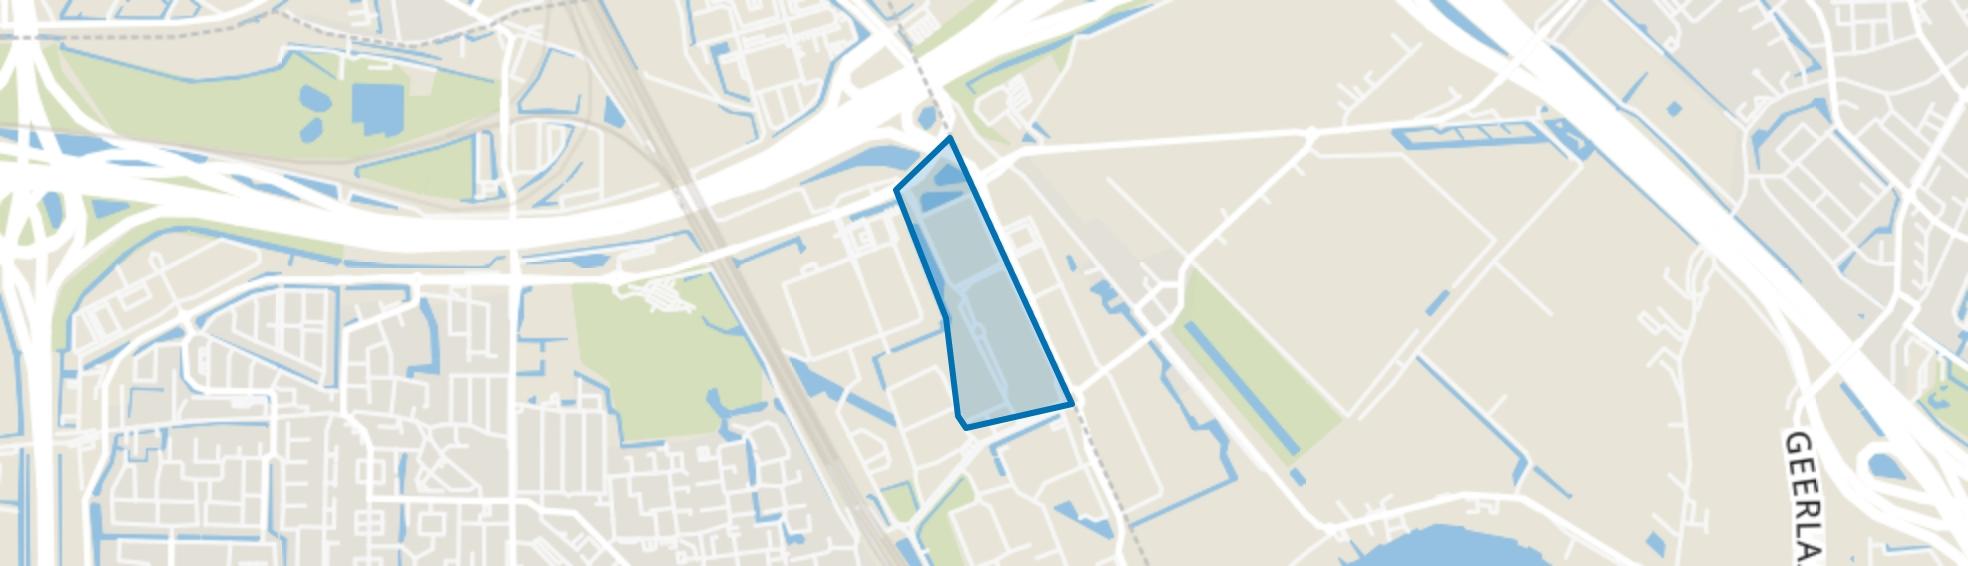 BT Veiling, Barendrecht map